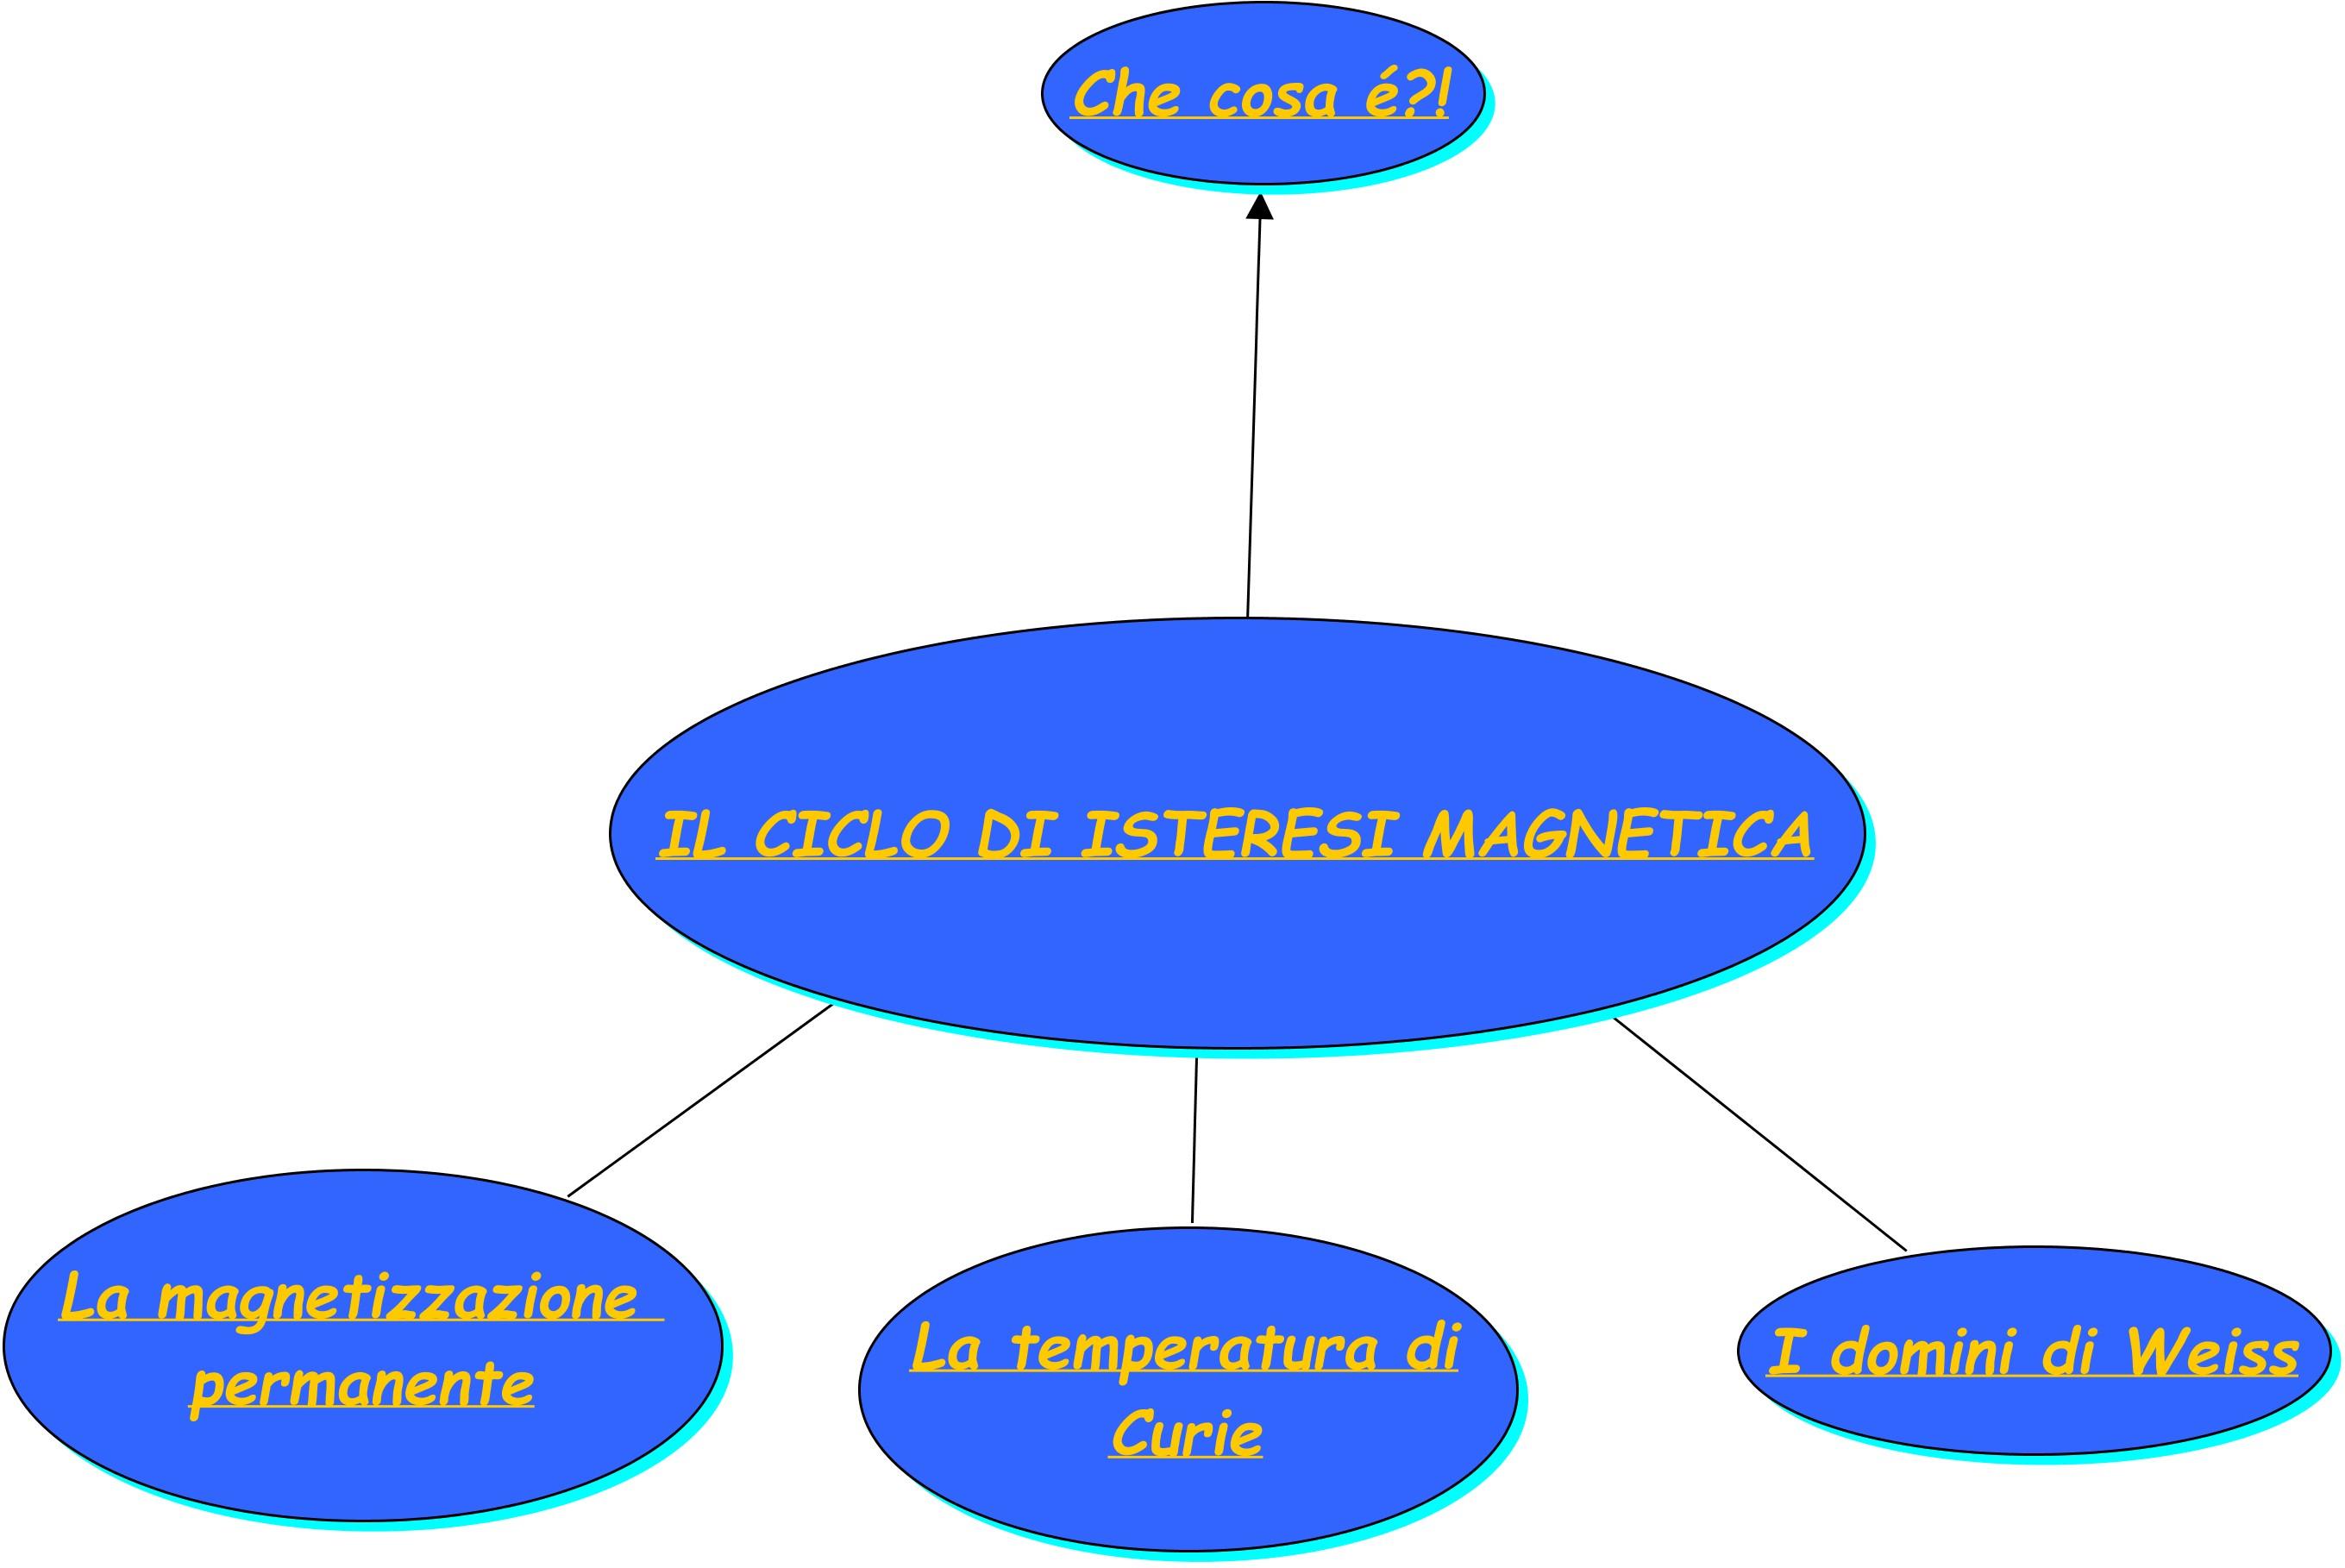 il ciclo di isteresi magnetica